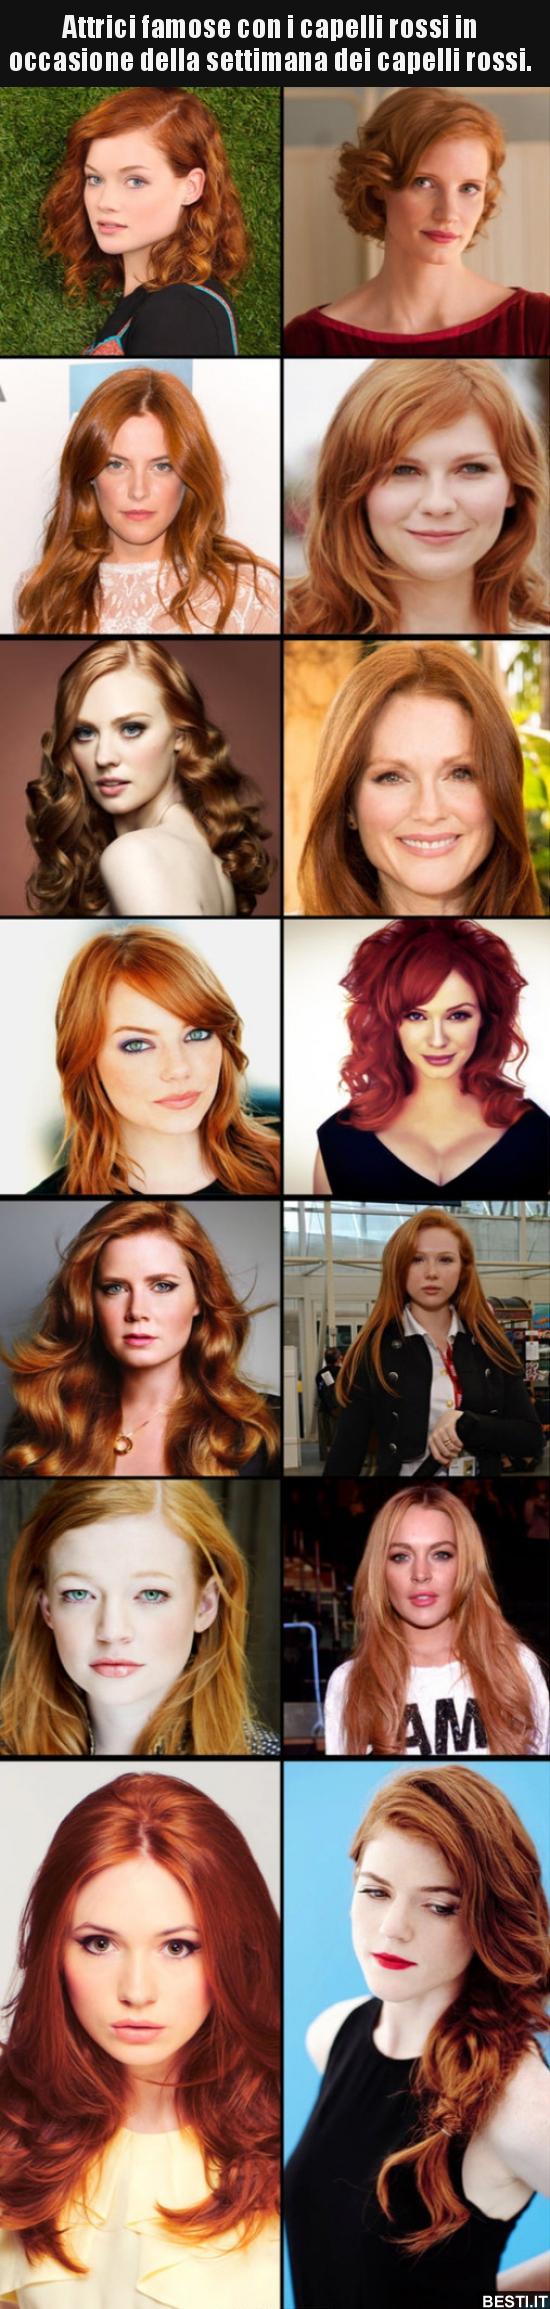 detailed pictures dbf7d 72ae6 Attrici famose con i capelli rossi in occasione della ...